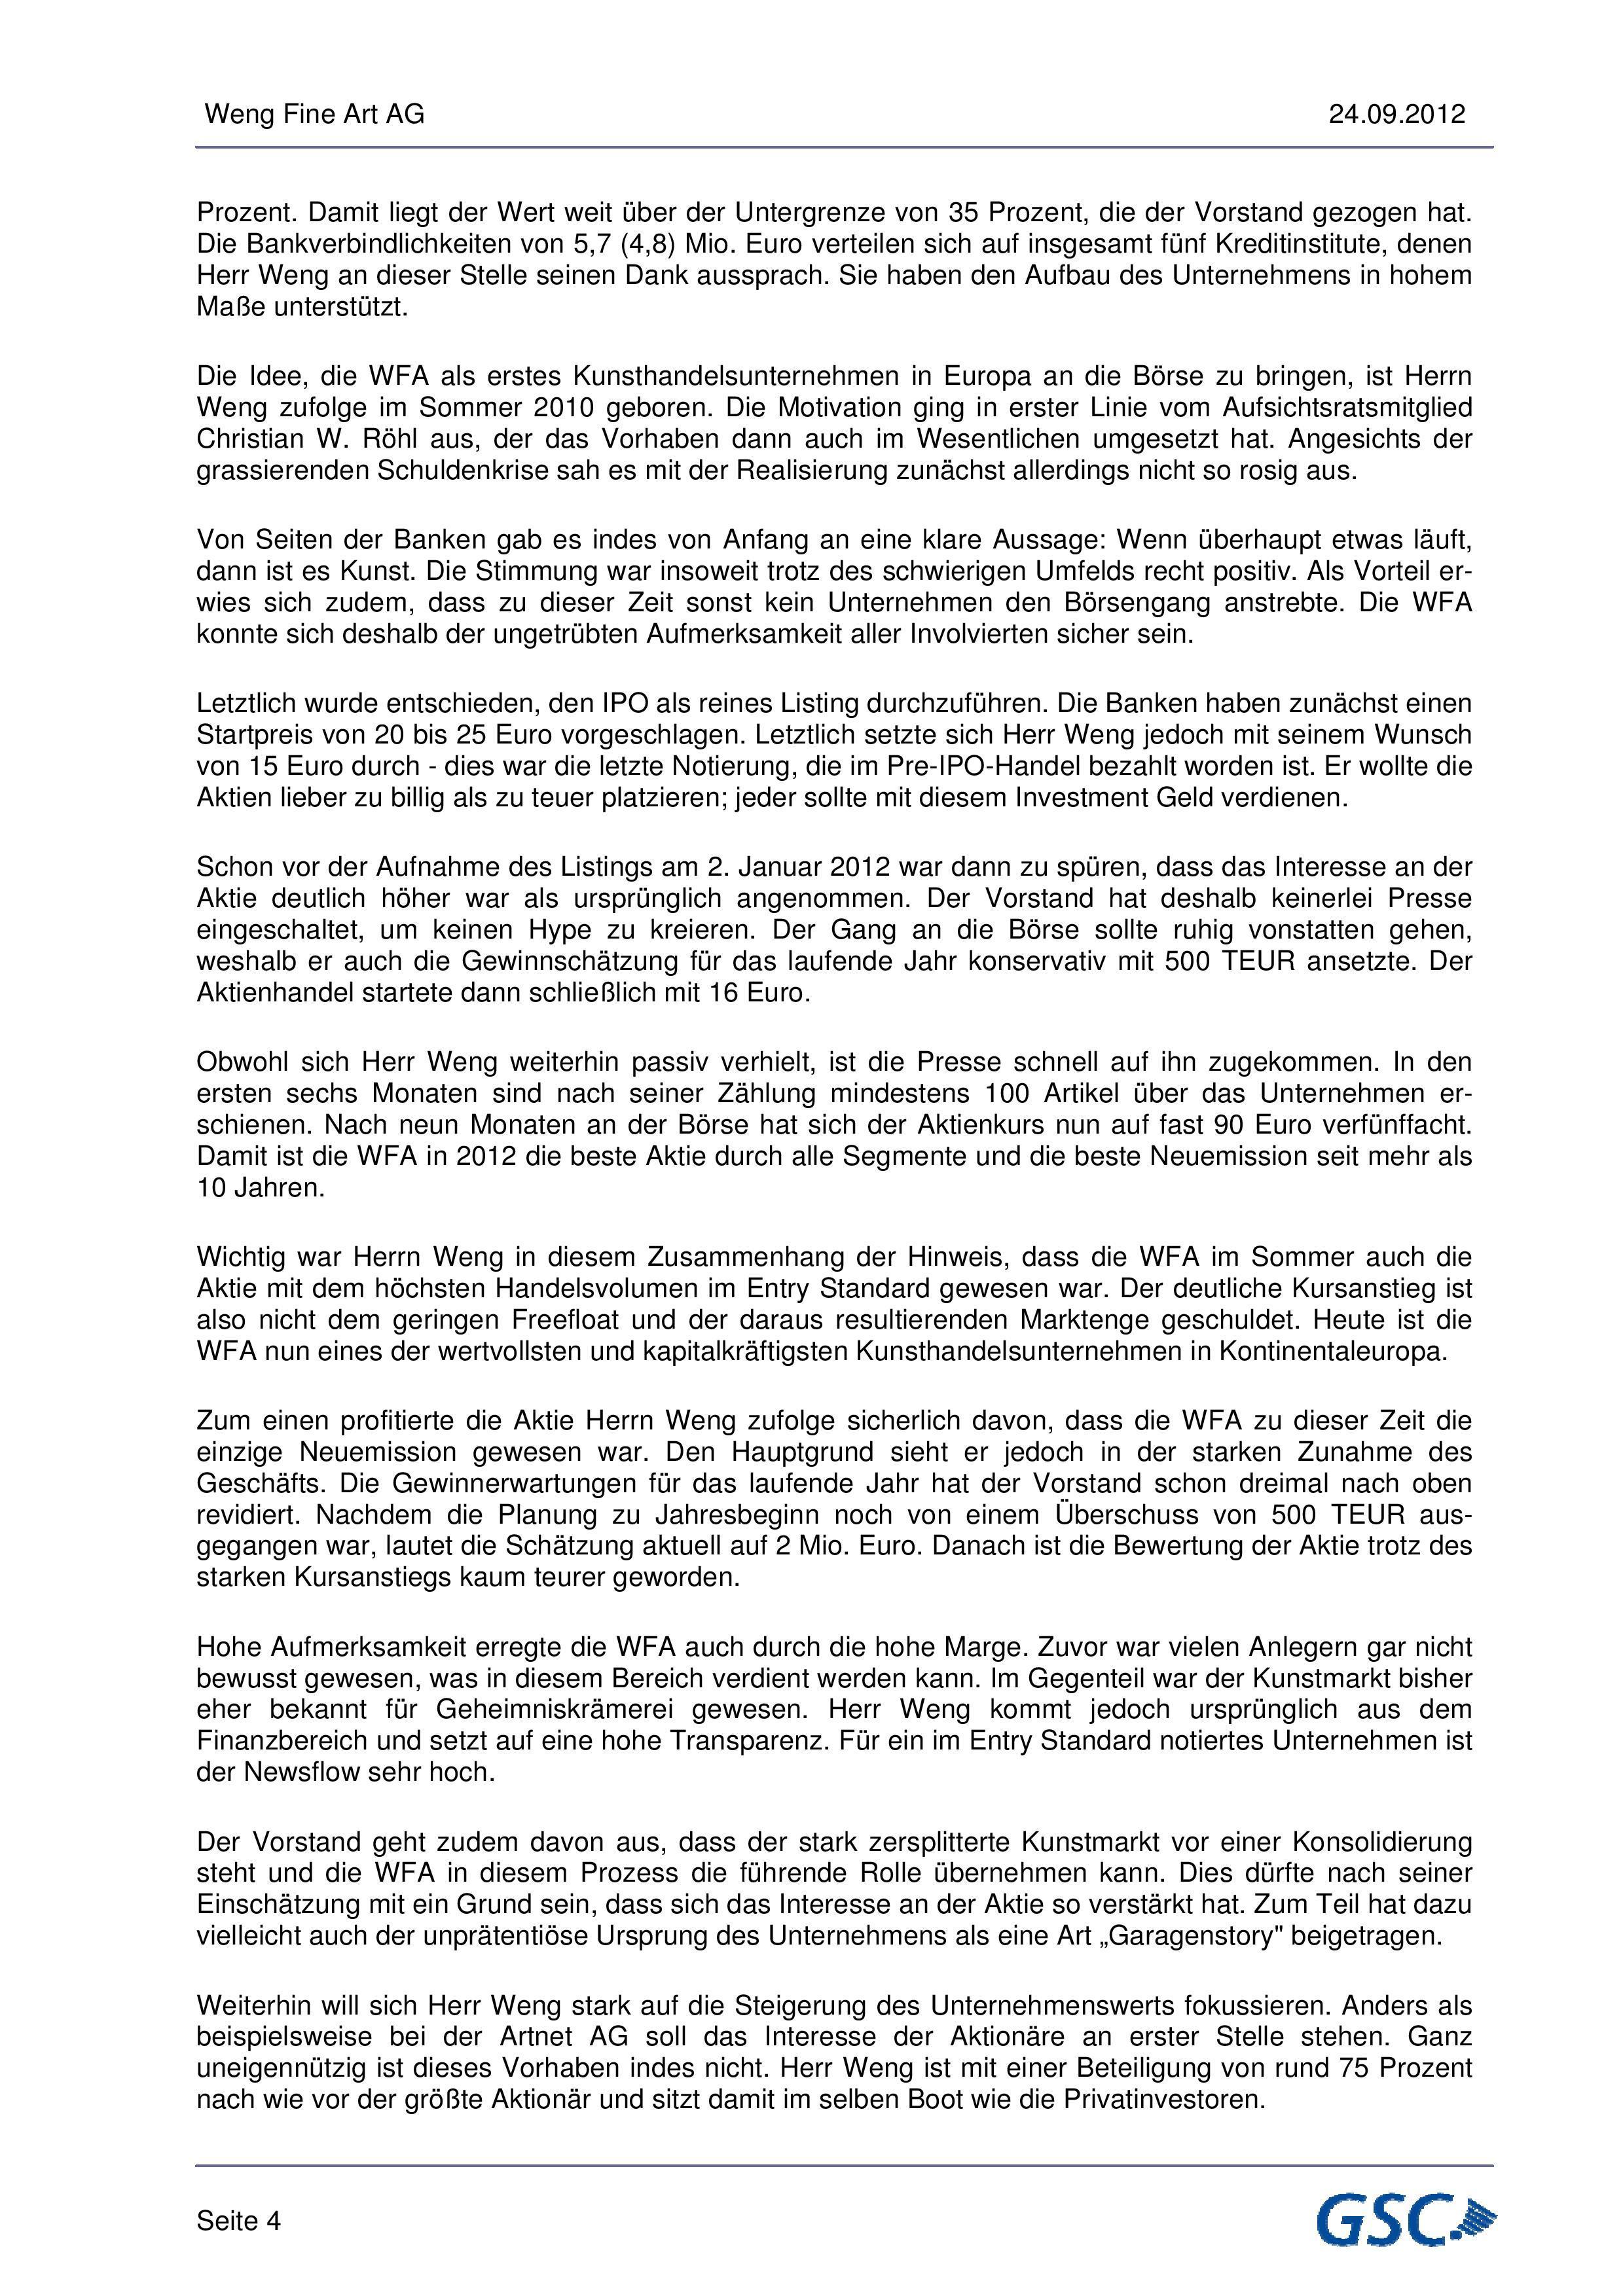 Weng_Fine_Art_AG_HV-Bericht_2012-09-24-page-004.jpg#asset:3528